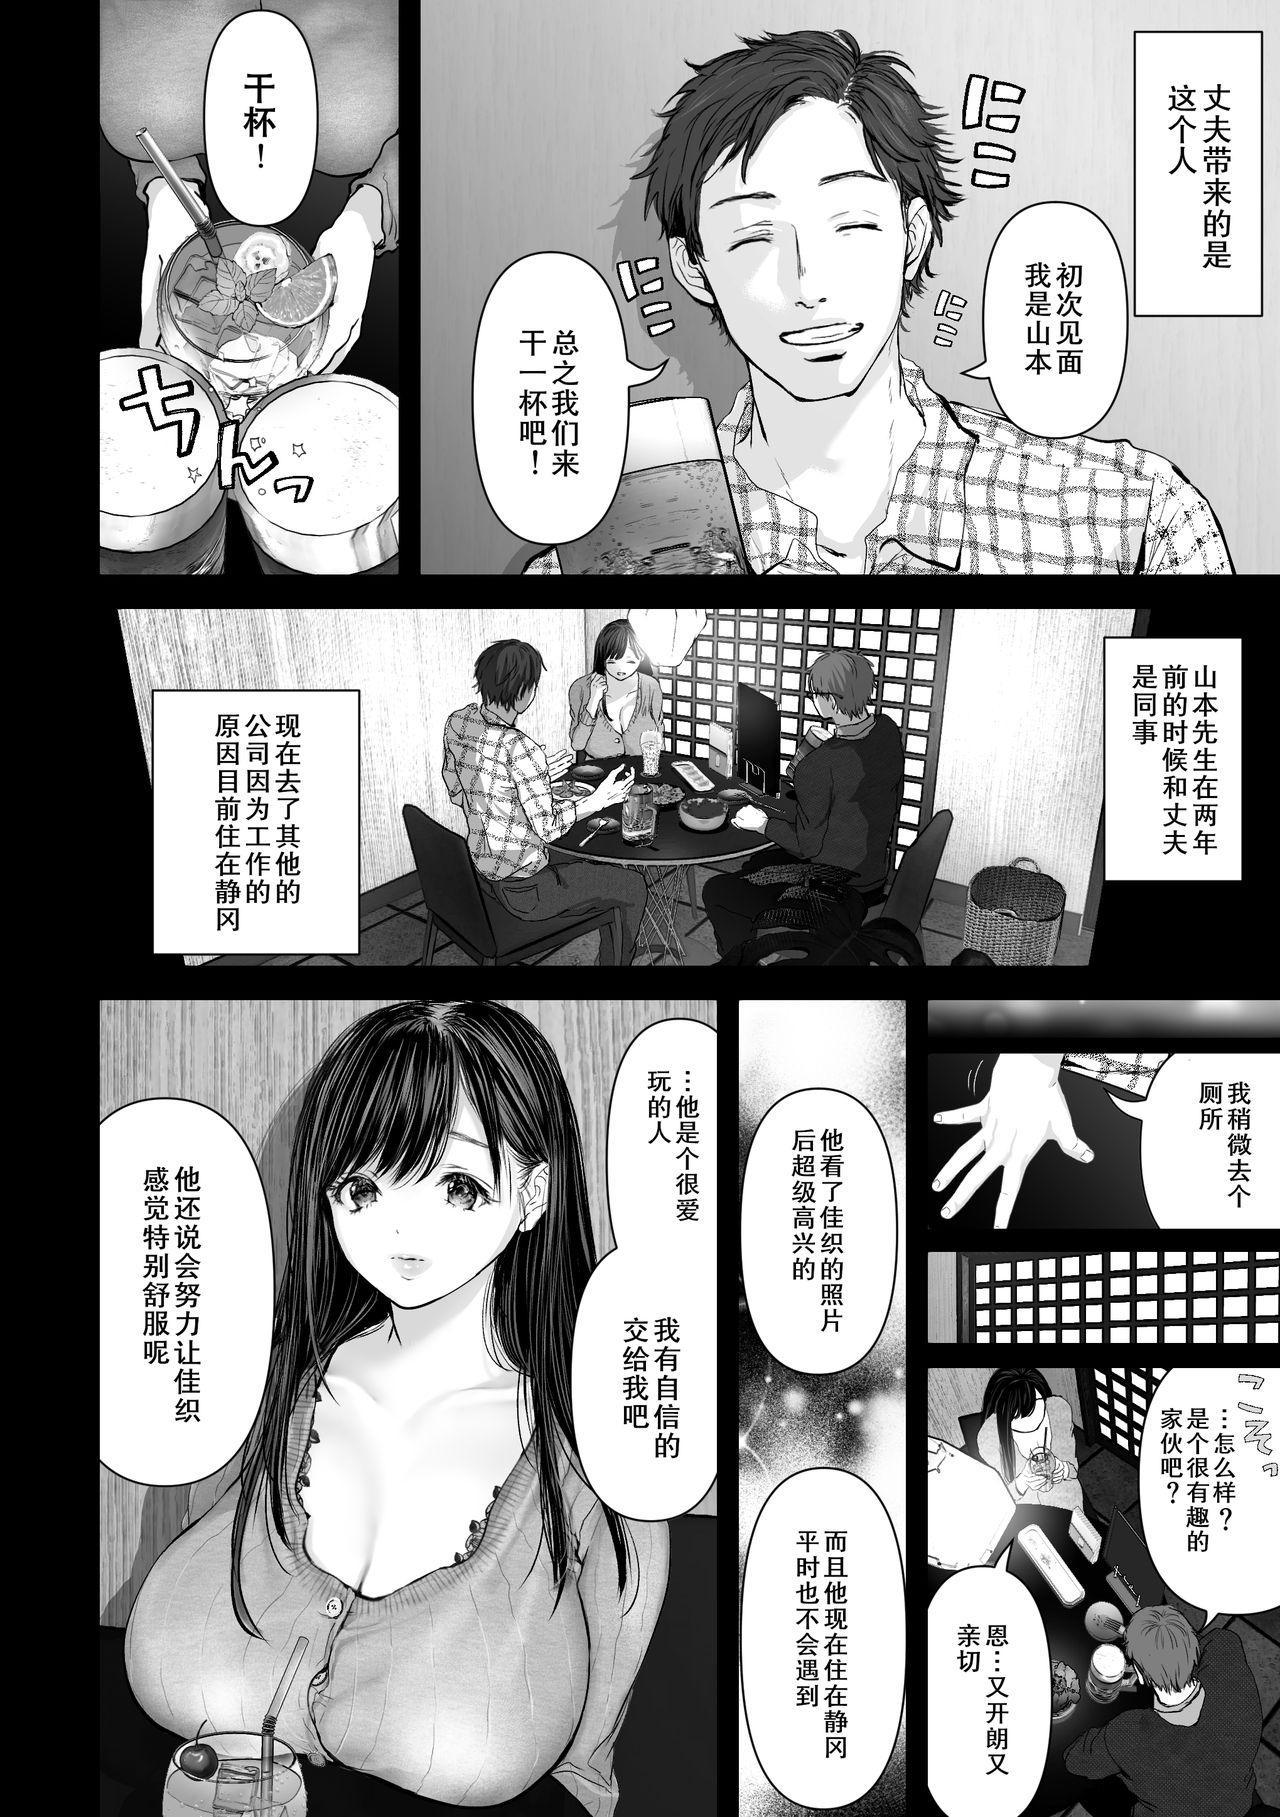 [Torotoro Yume Banana (Yumeki Banana)] Anata ga Nozomu nara[Chinese]【不可视汉化】 7